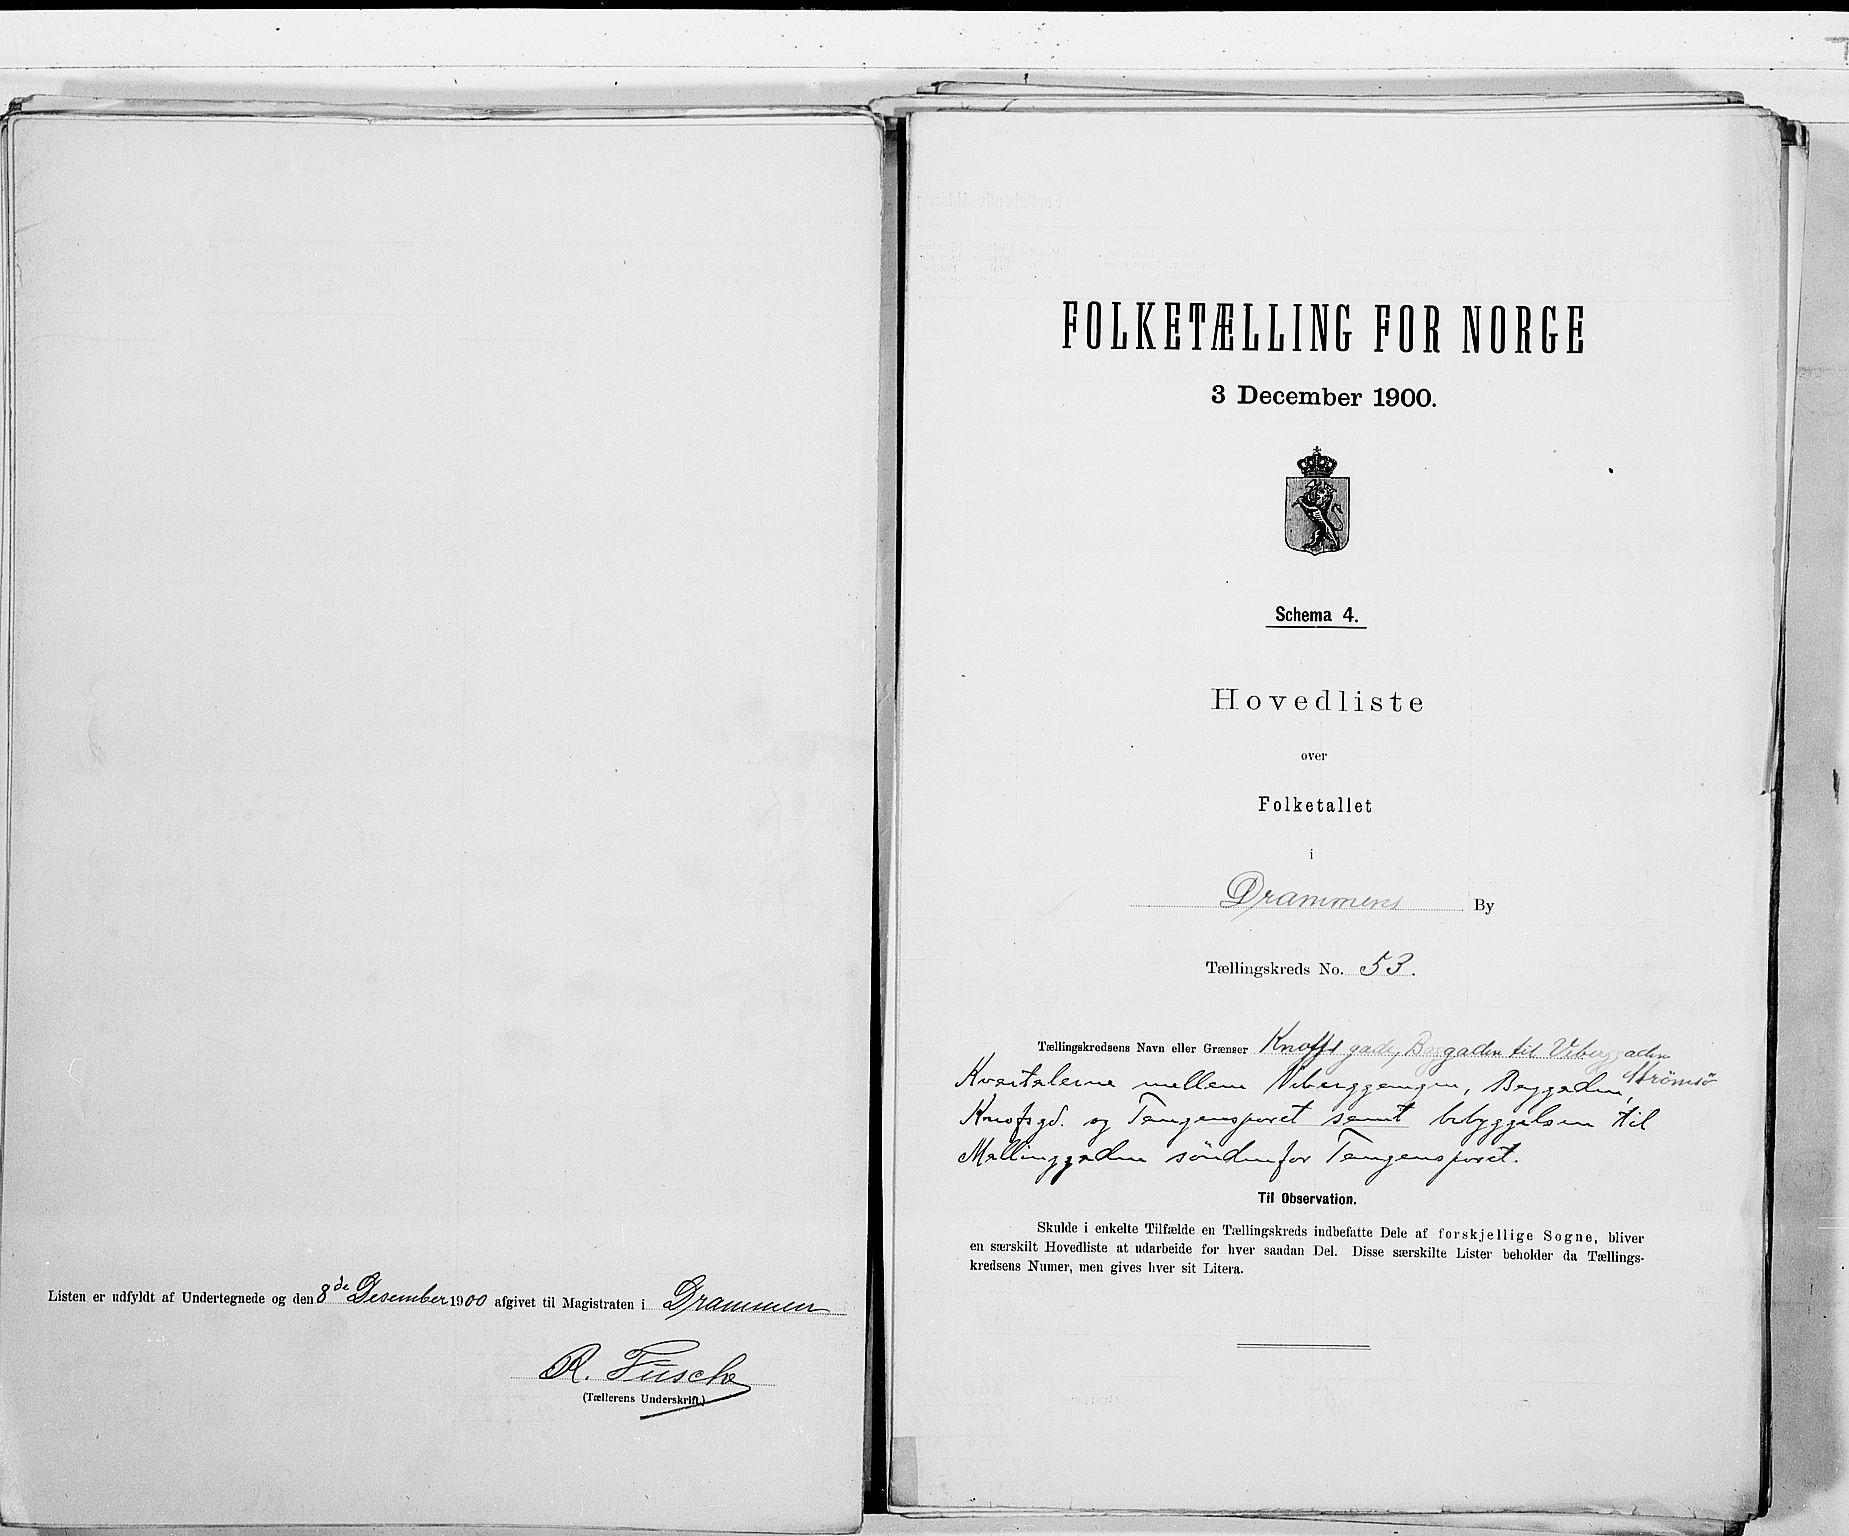 RA, Folketelling 1900 for 0602 Drammen kjøpstad, 1900, s. 111